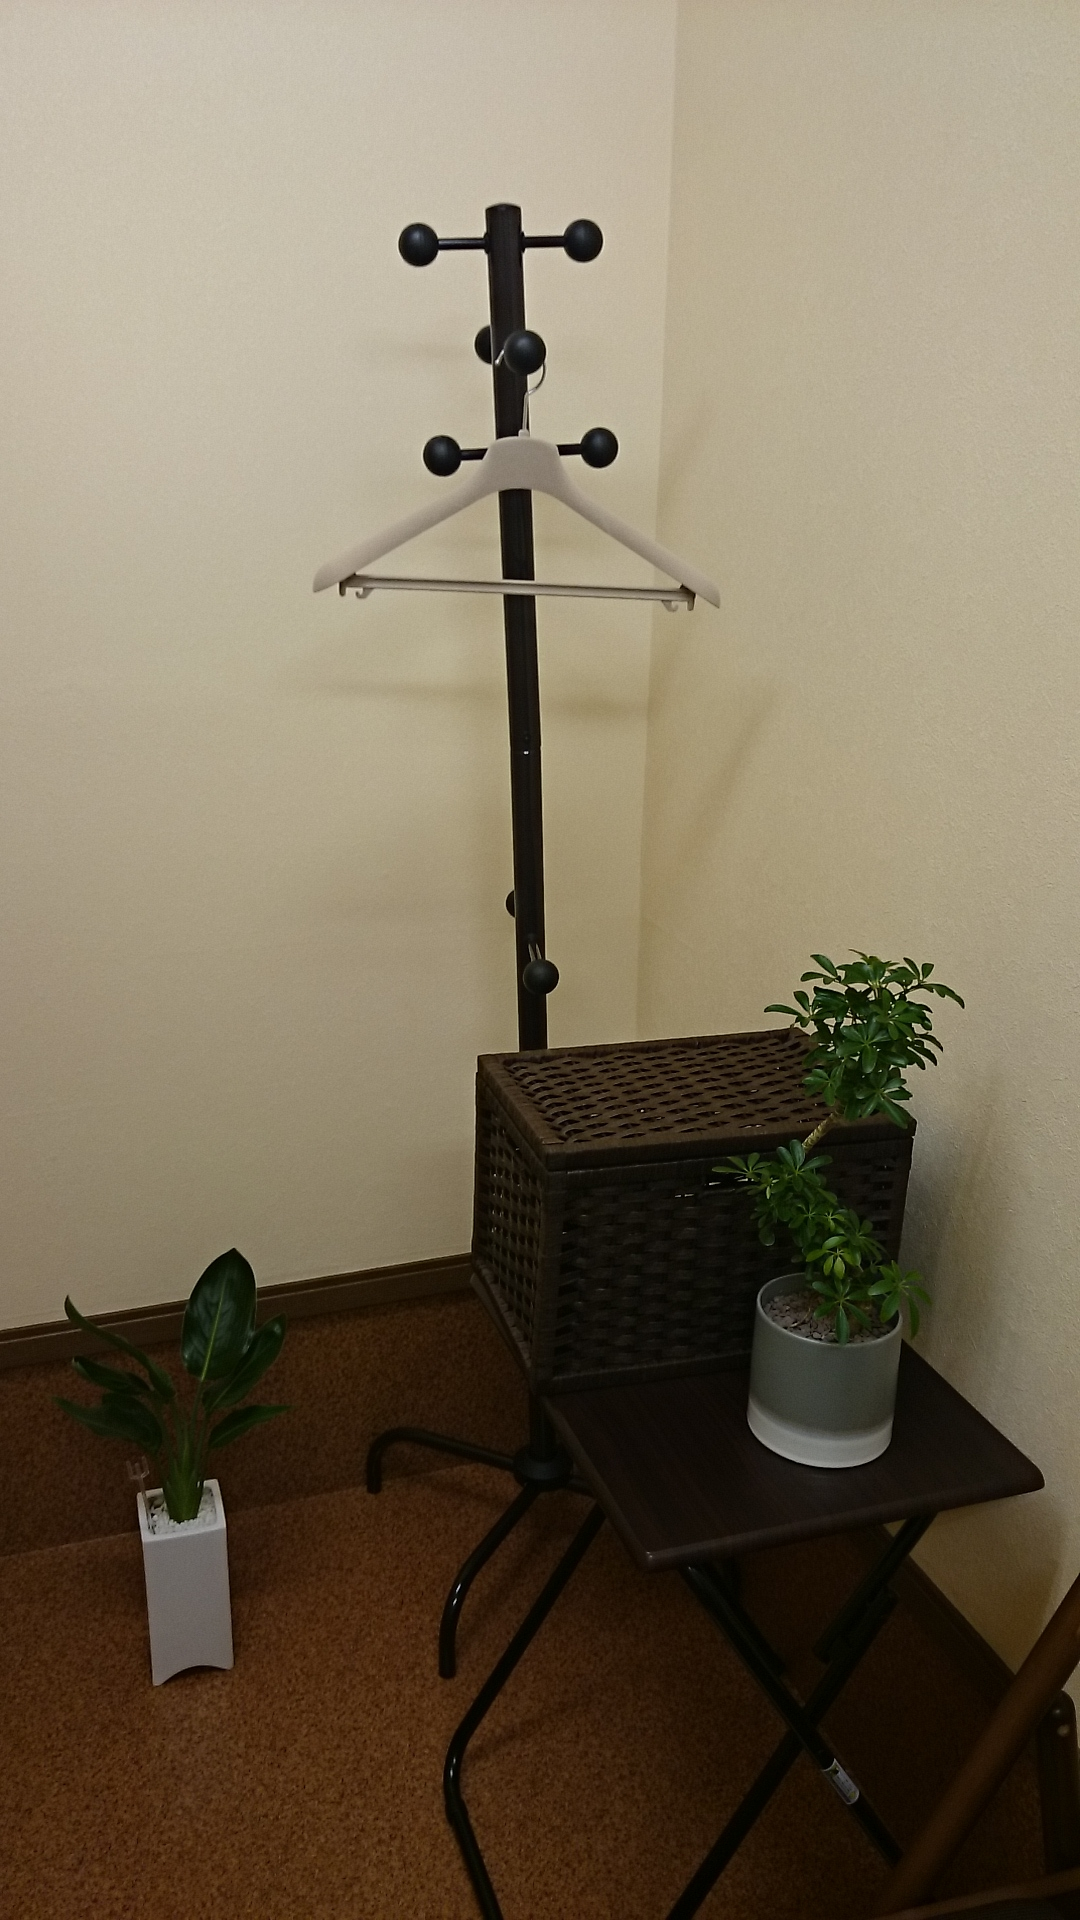 遠藤先生から頂いた観葉植物